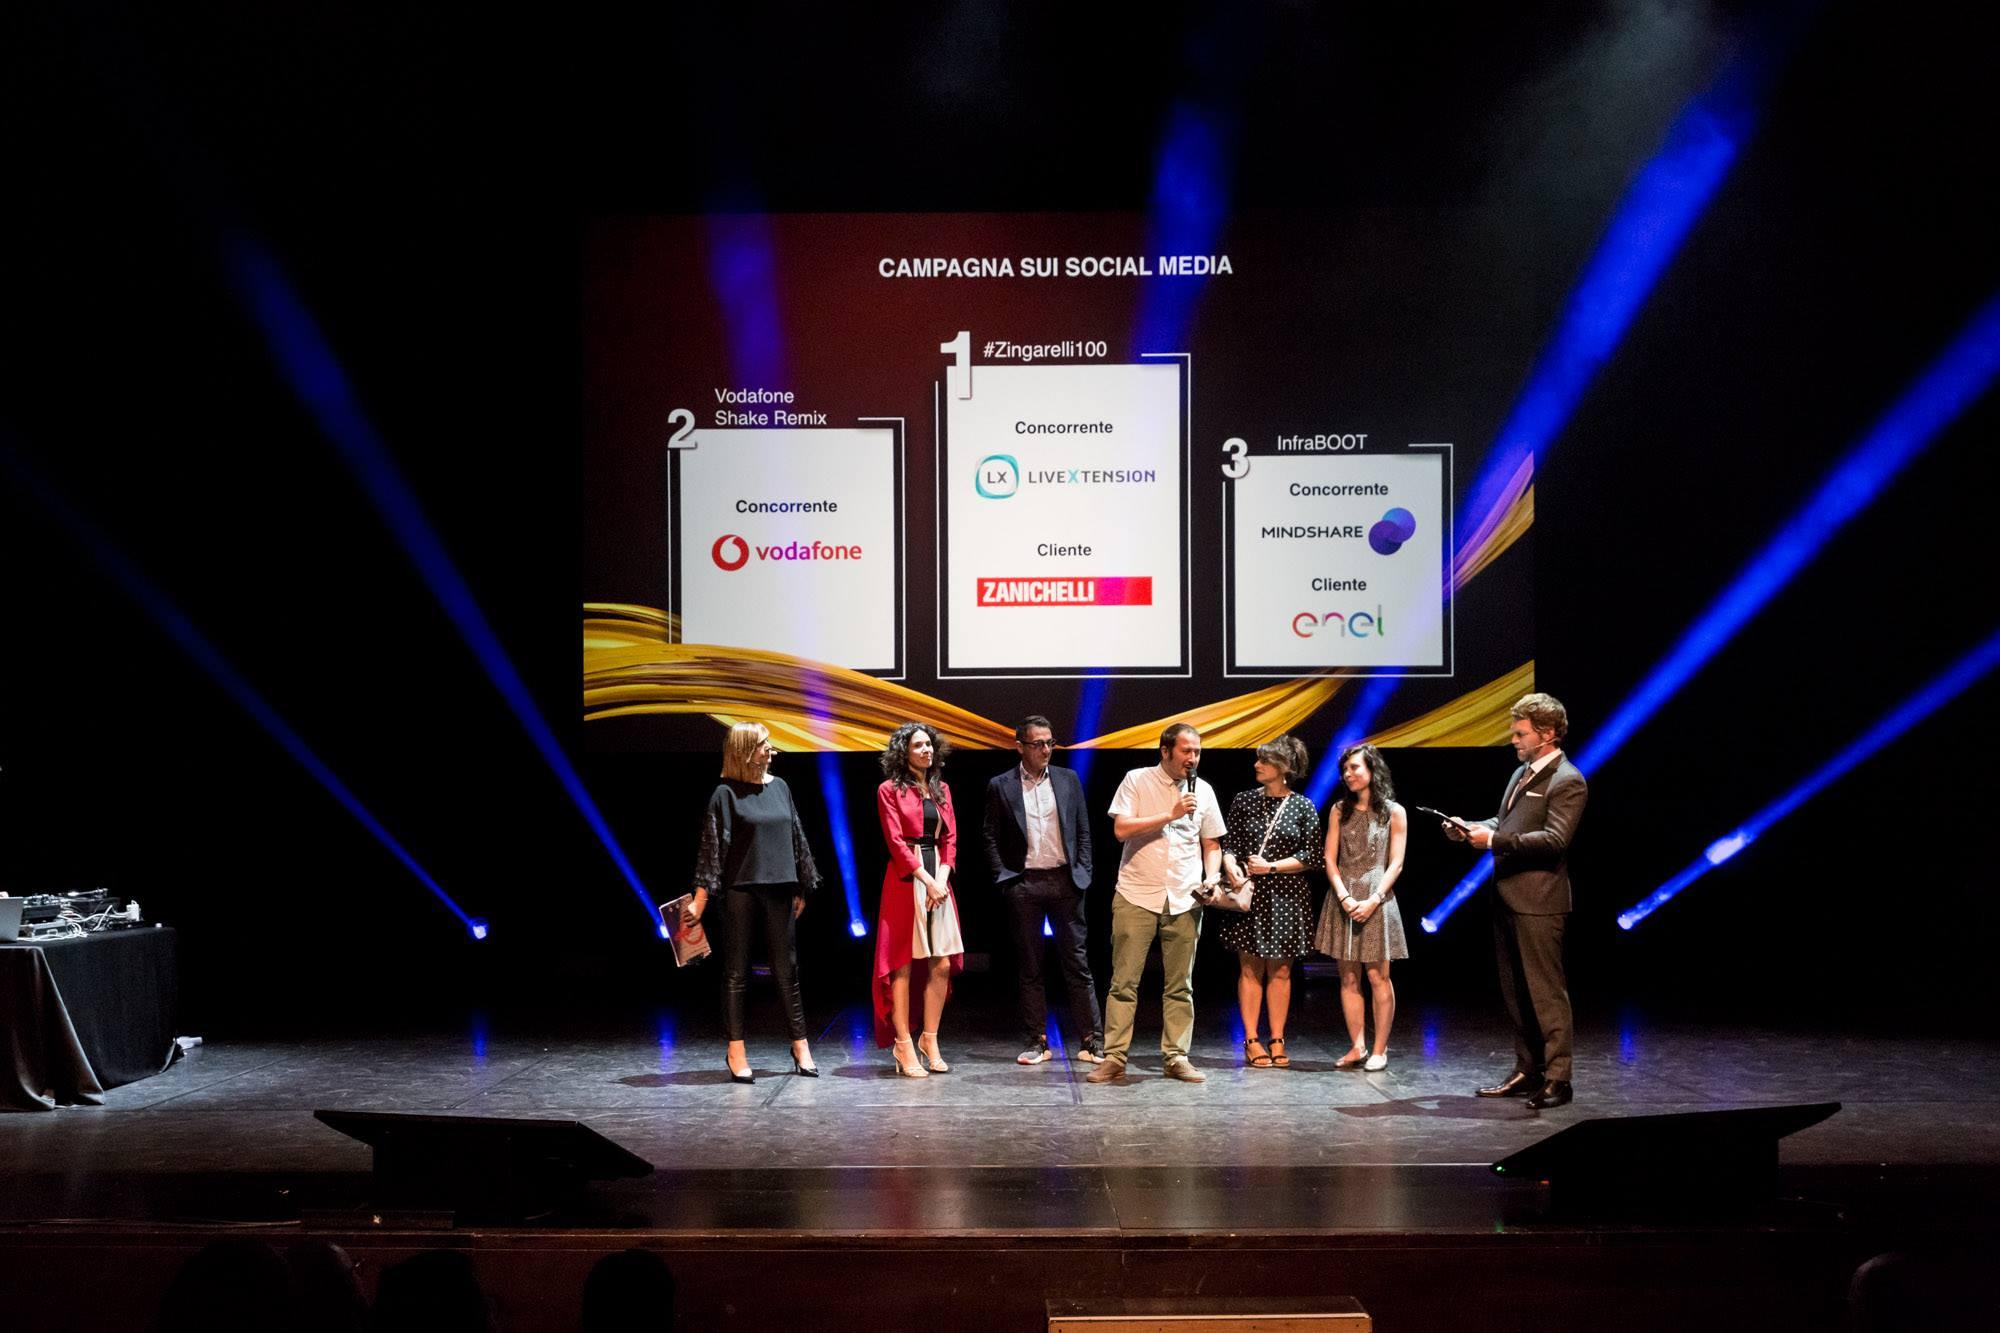 premiazione campagna sui Social Media NC Awards 2018. Zanichelli & LiveXtension